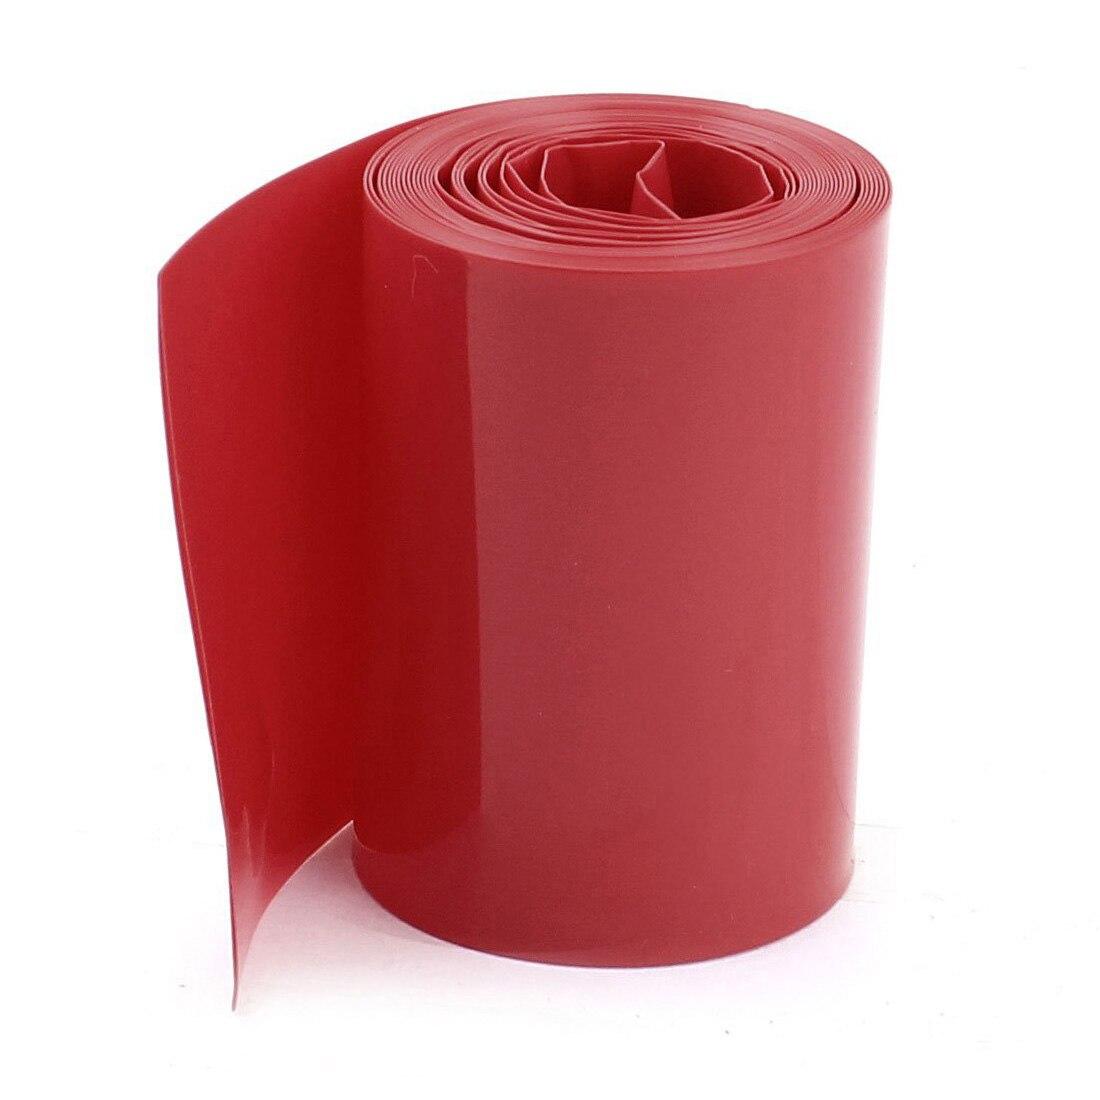 Tubo de plástico termorretráctil rojo de PVC de 2M 50mm de ancho más barato para batería 2x18650